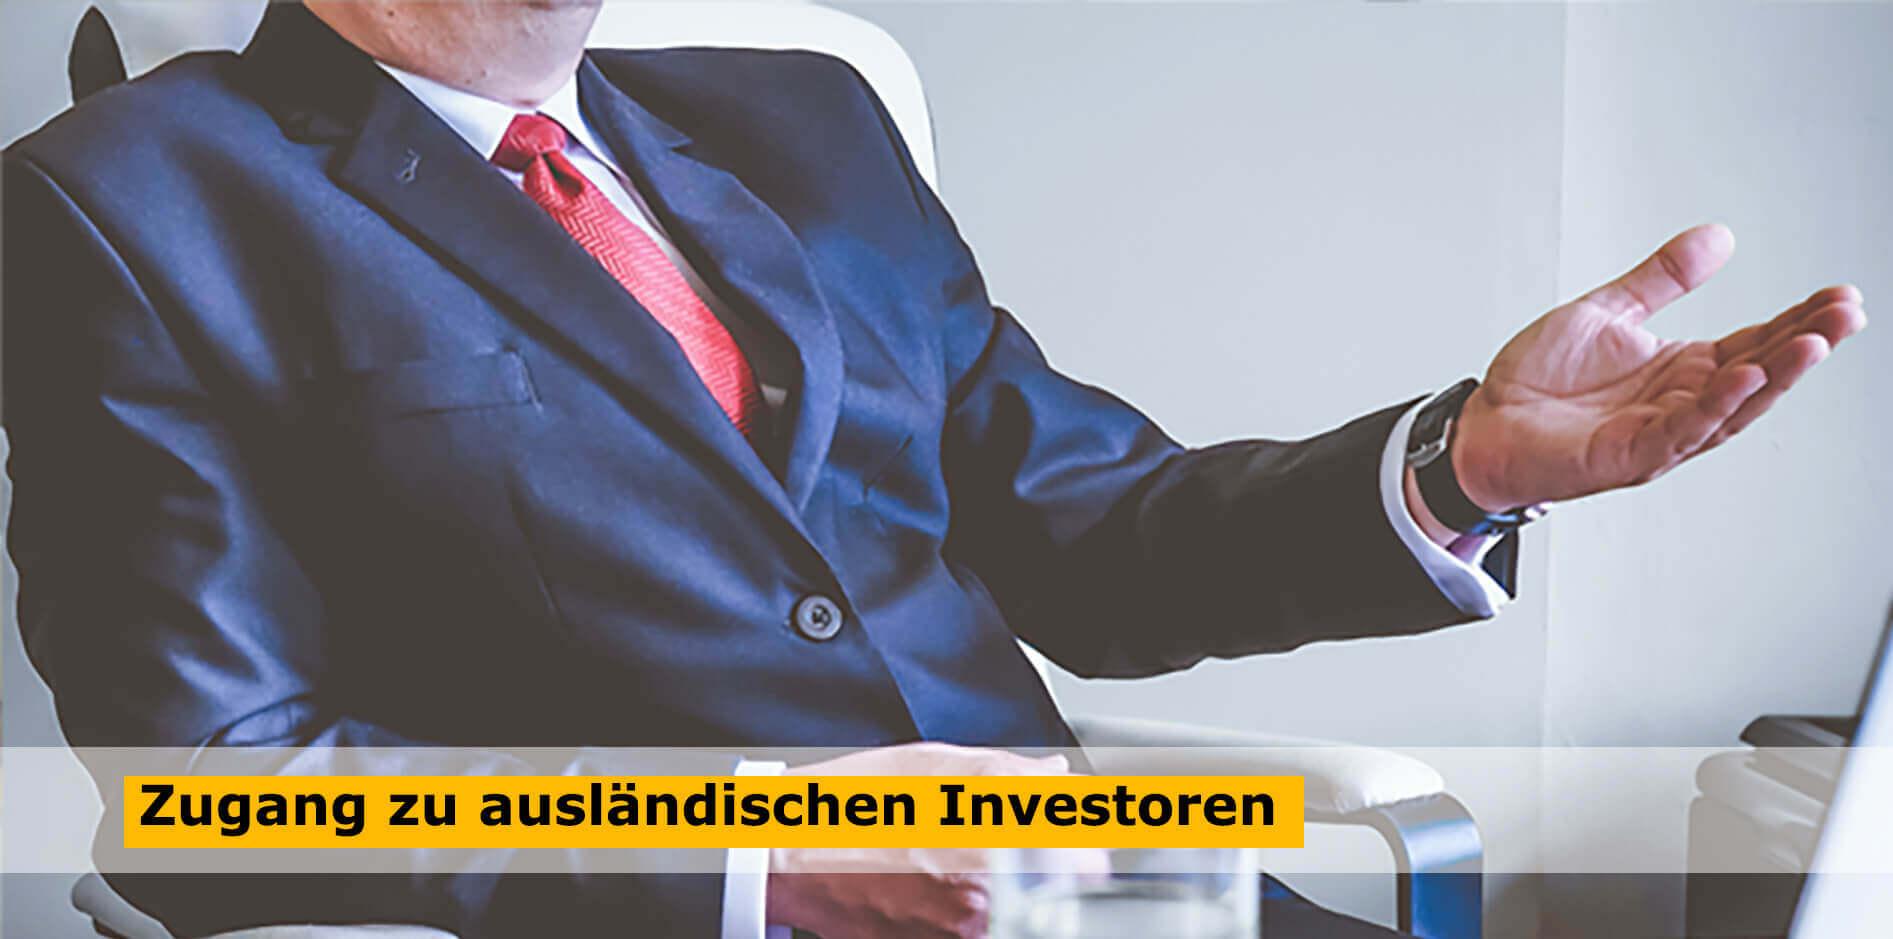 Zugang zu ausländischen Investoren